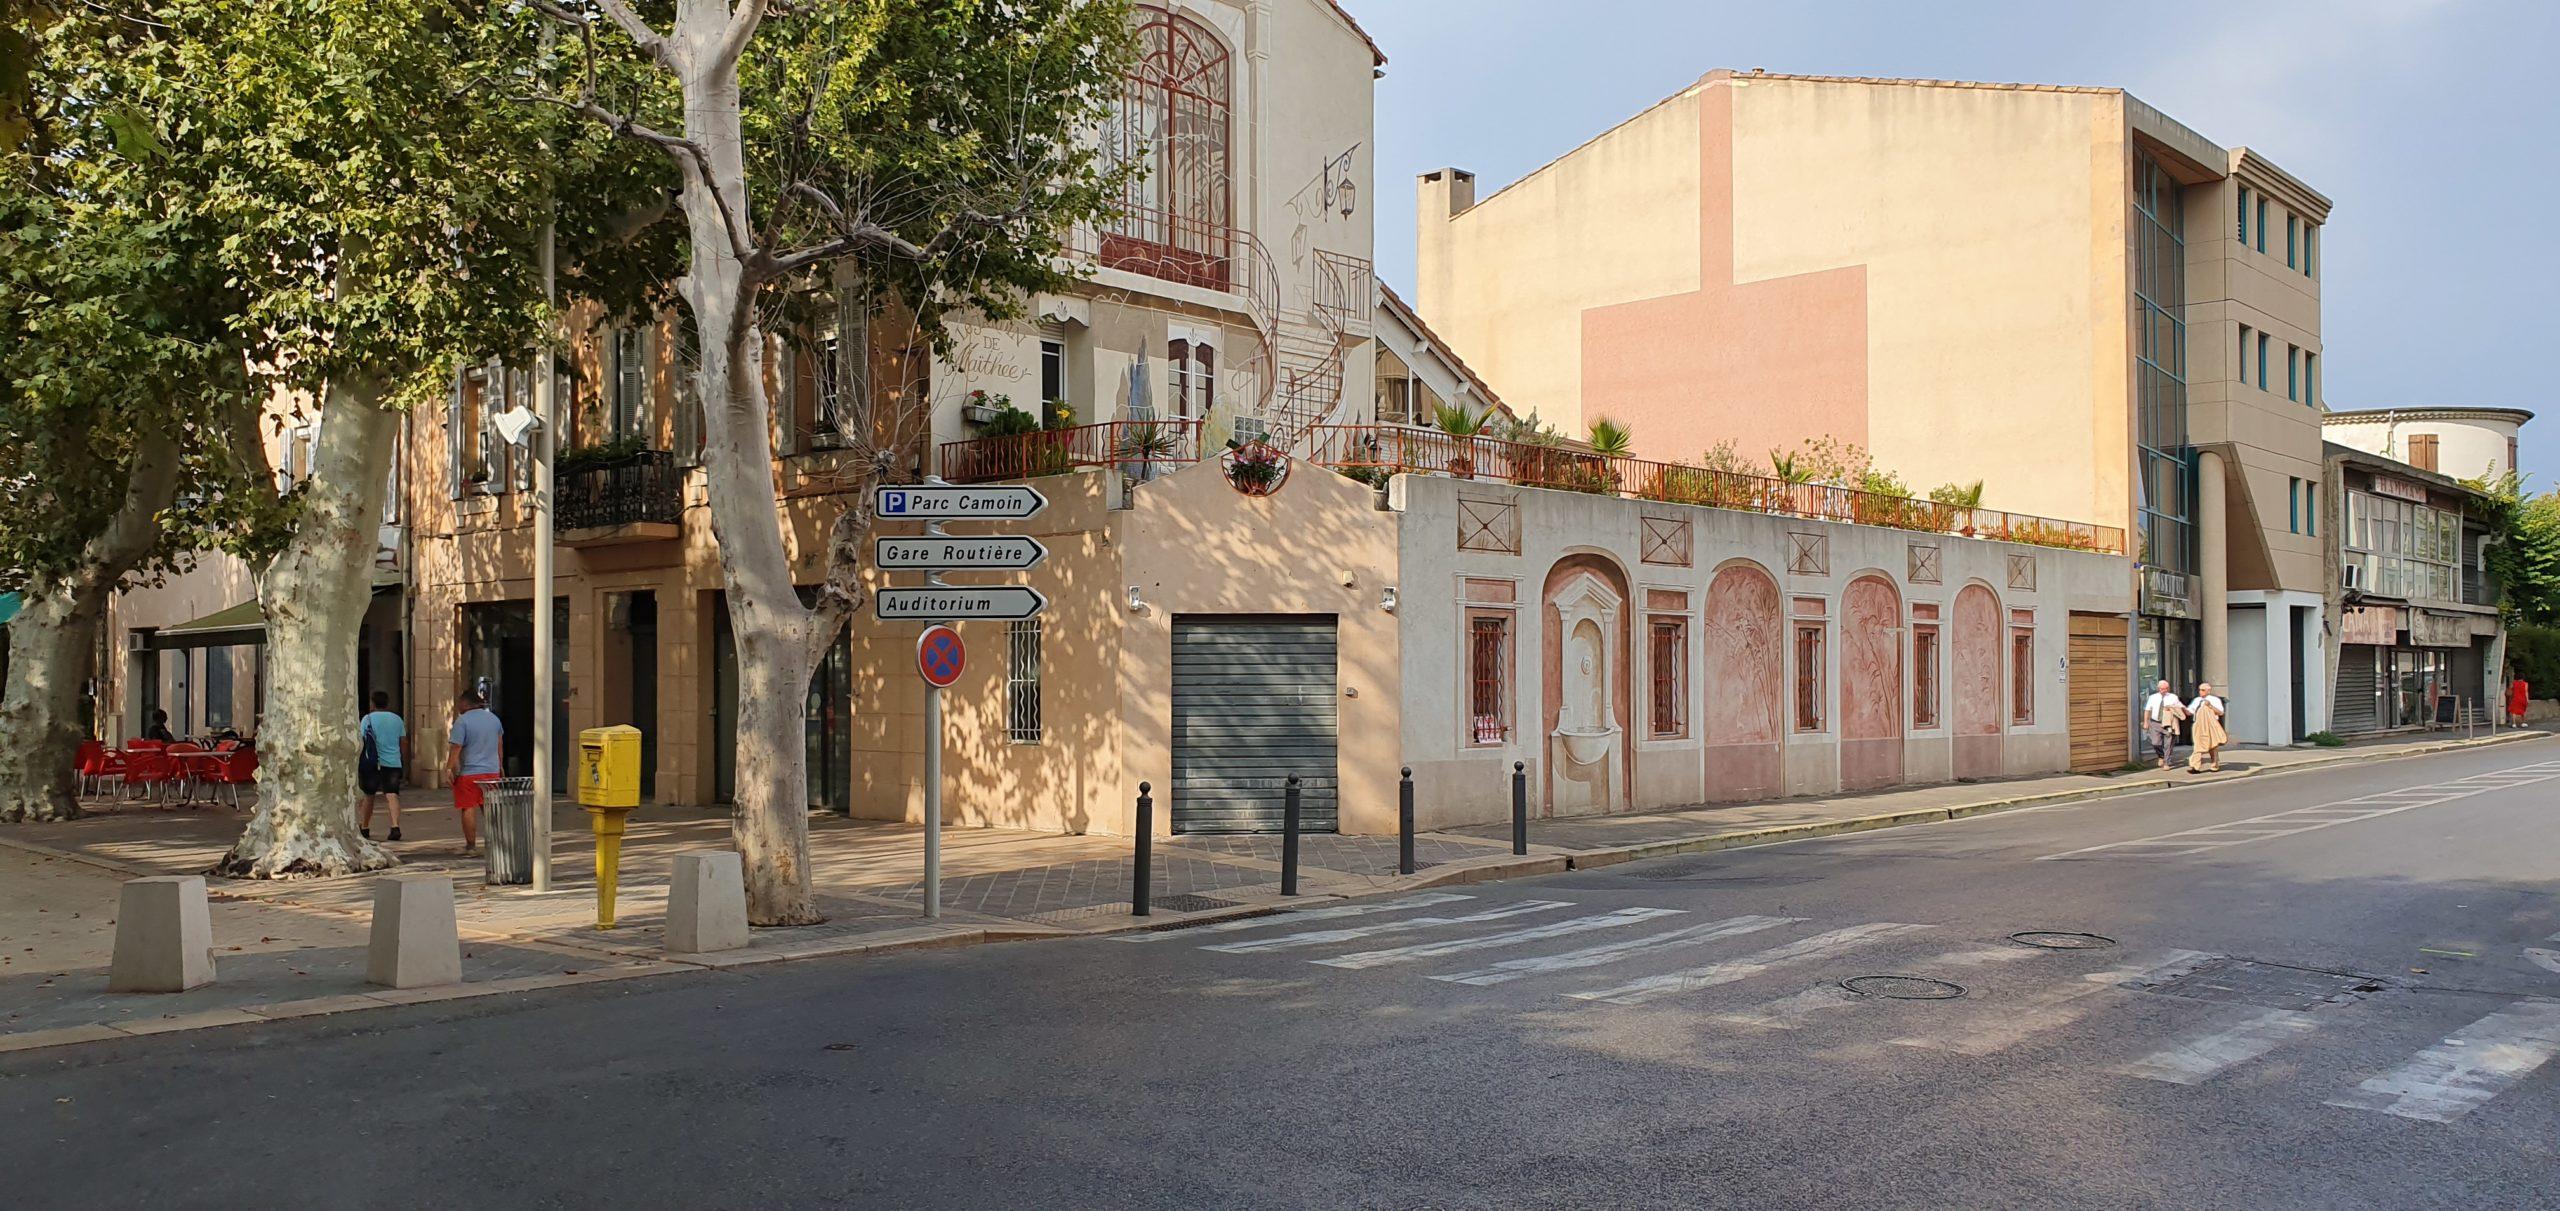 Marignane local commercial angle cours Mirabeau de 250 m2 en copropriété possibilité de passer à 469 m2 me consulter à